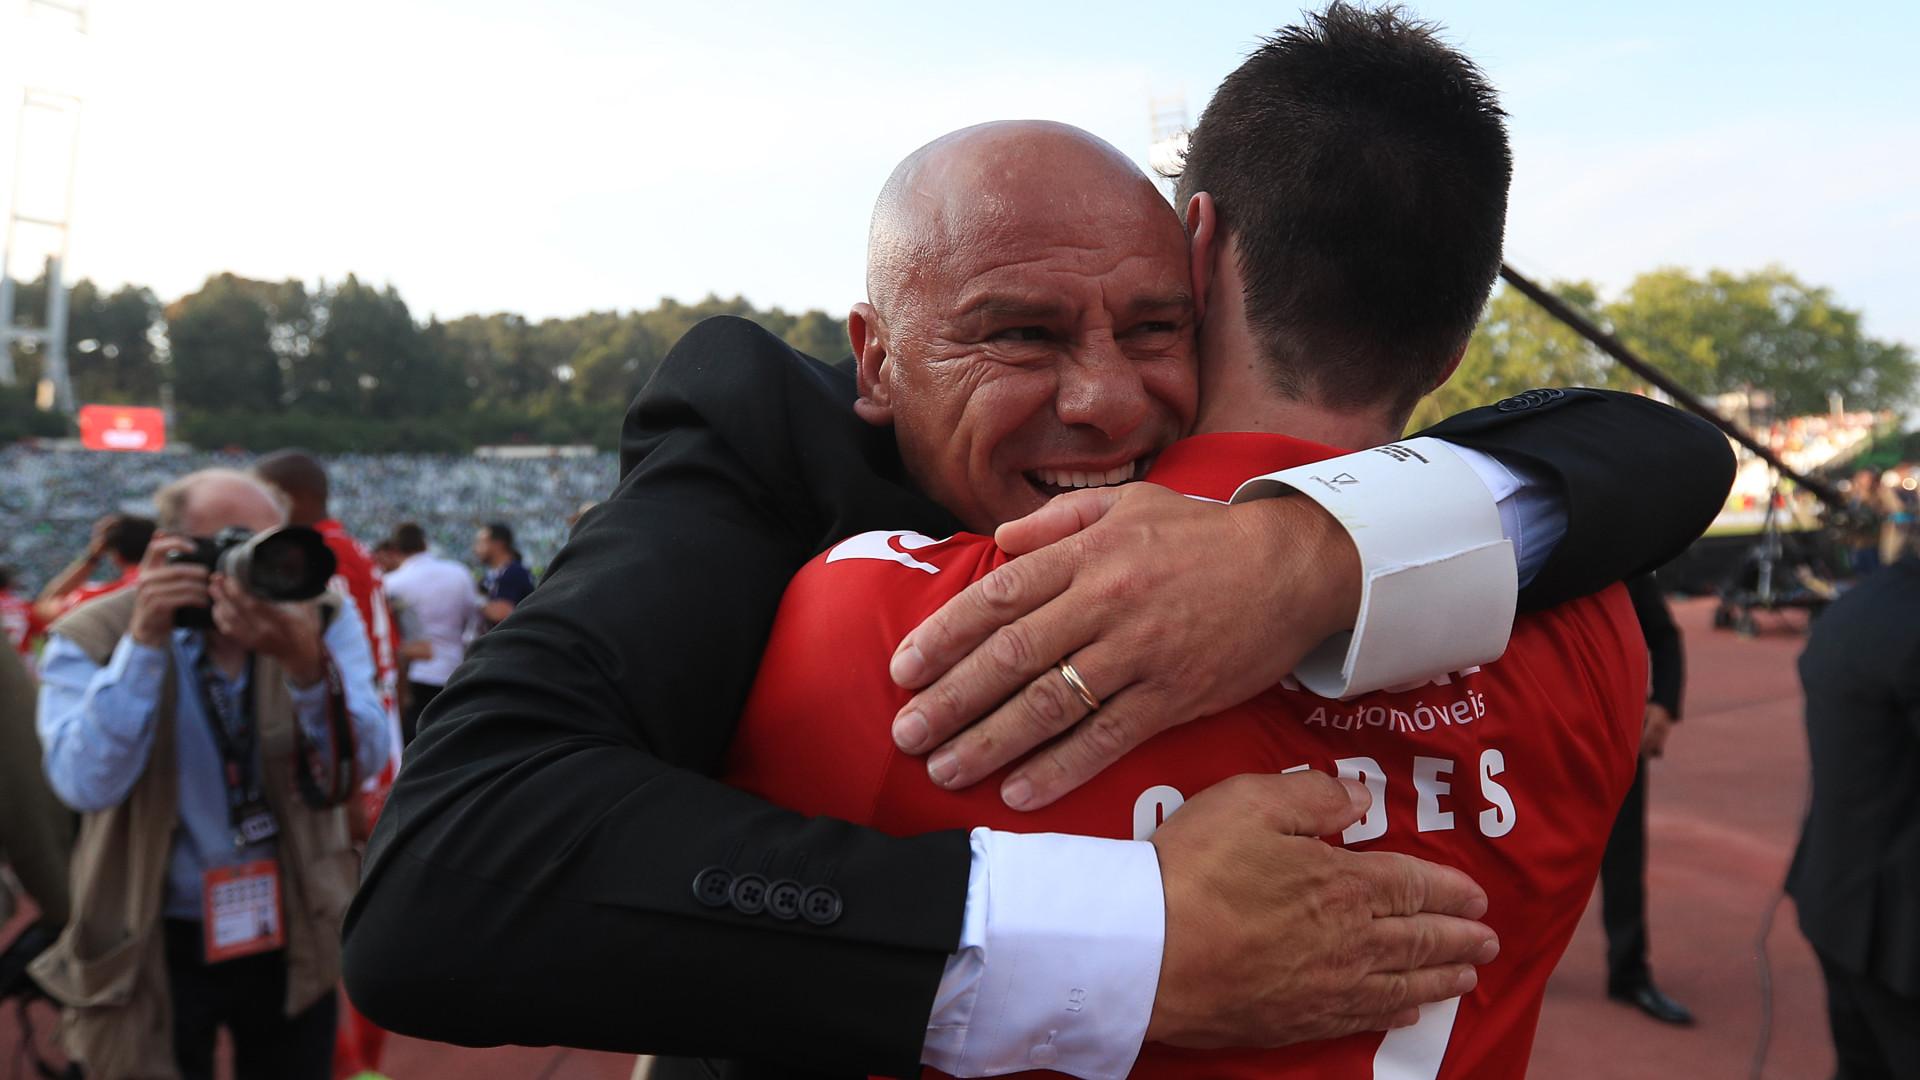 Aves fez história e ganhou a Taça: Do herói Guedes ao salvador José Mota